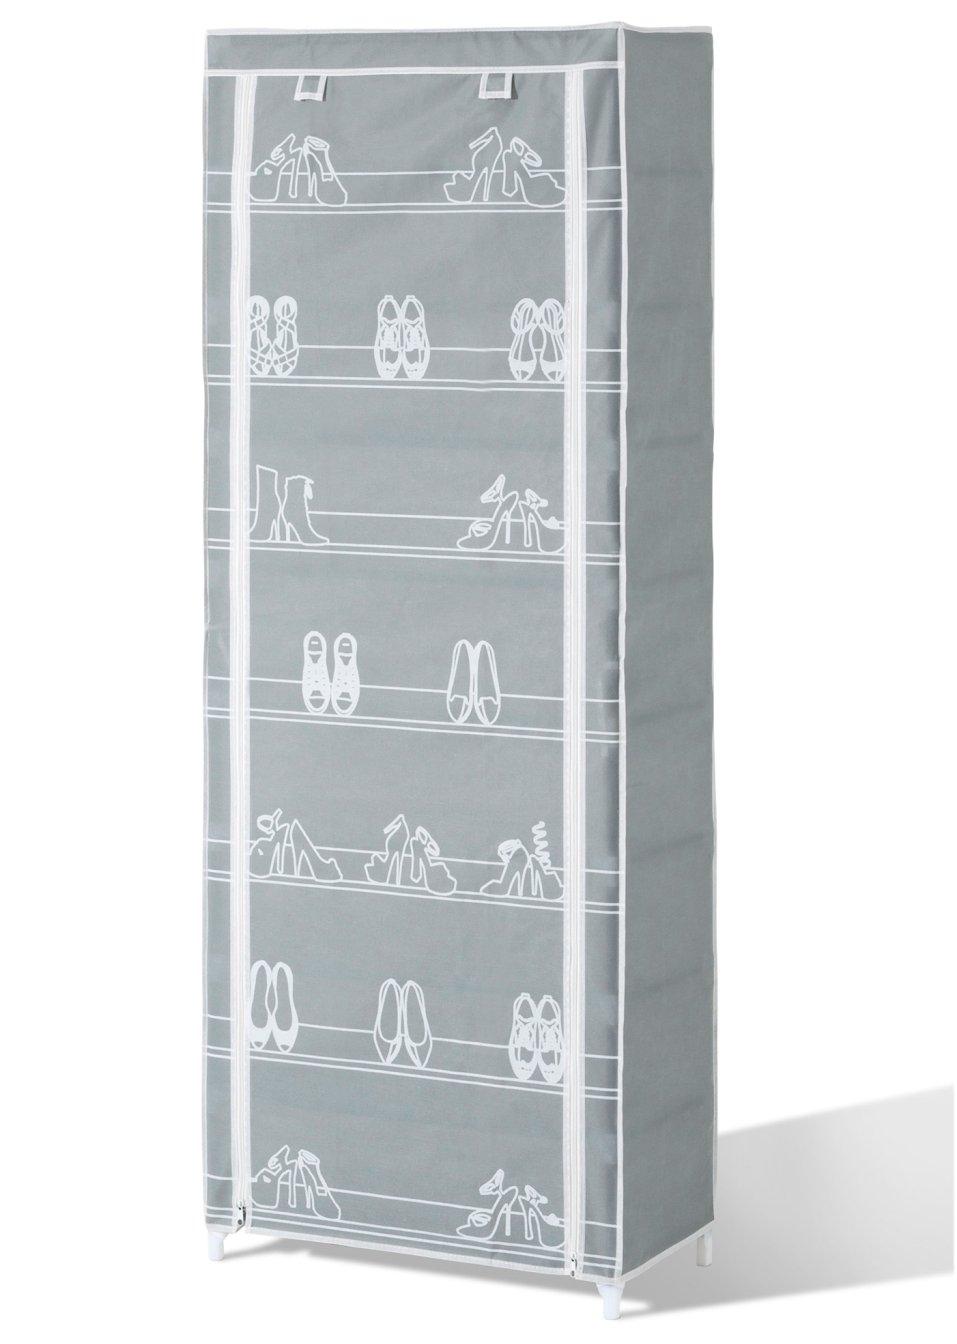 schuhschrank gro karl grau wohnen. Black Bedroom Furniture Sets. Home Design Ideas